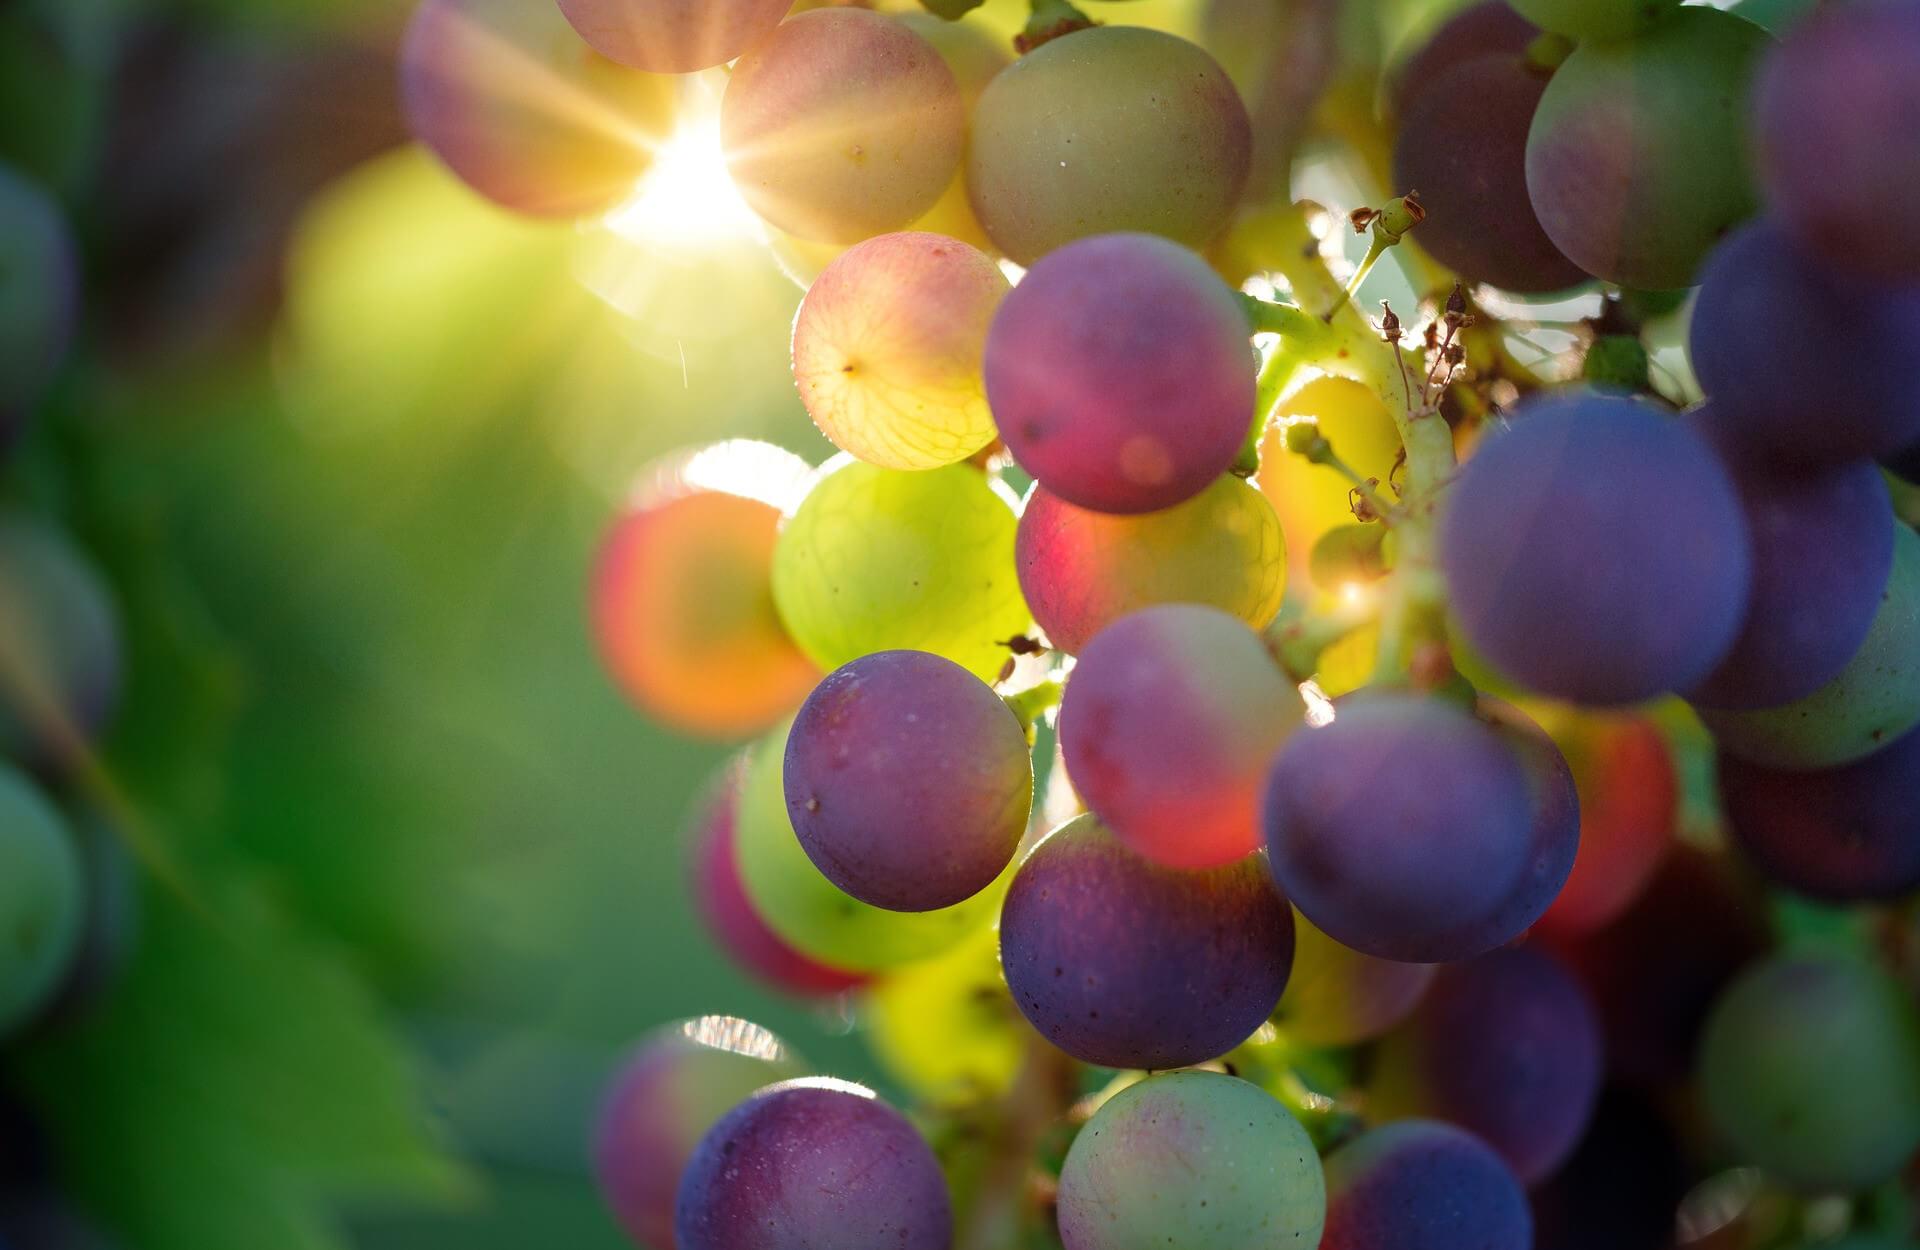 Vitamin C und OPC sind wirksame Antioxidantien gegen freie Radikale. OPC wird unter anderem aus Traubenkernen gewonnen. Fakten und Erfahrungen findet ihr in diesem Artikel.